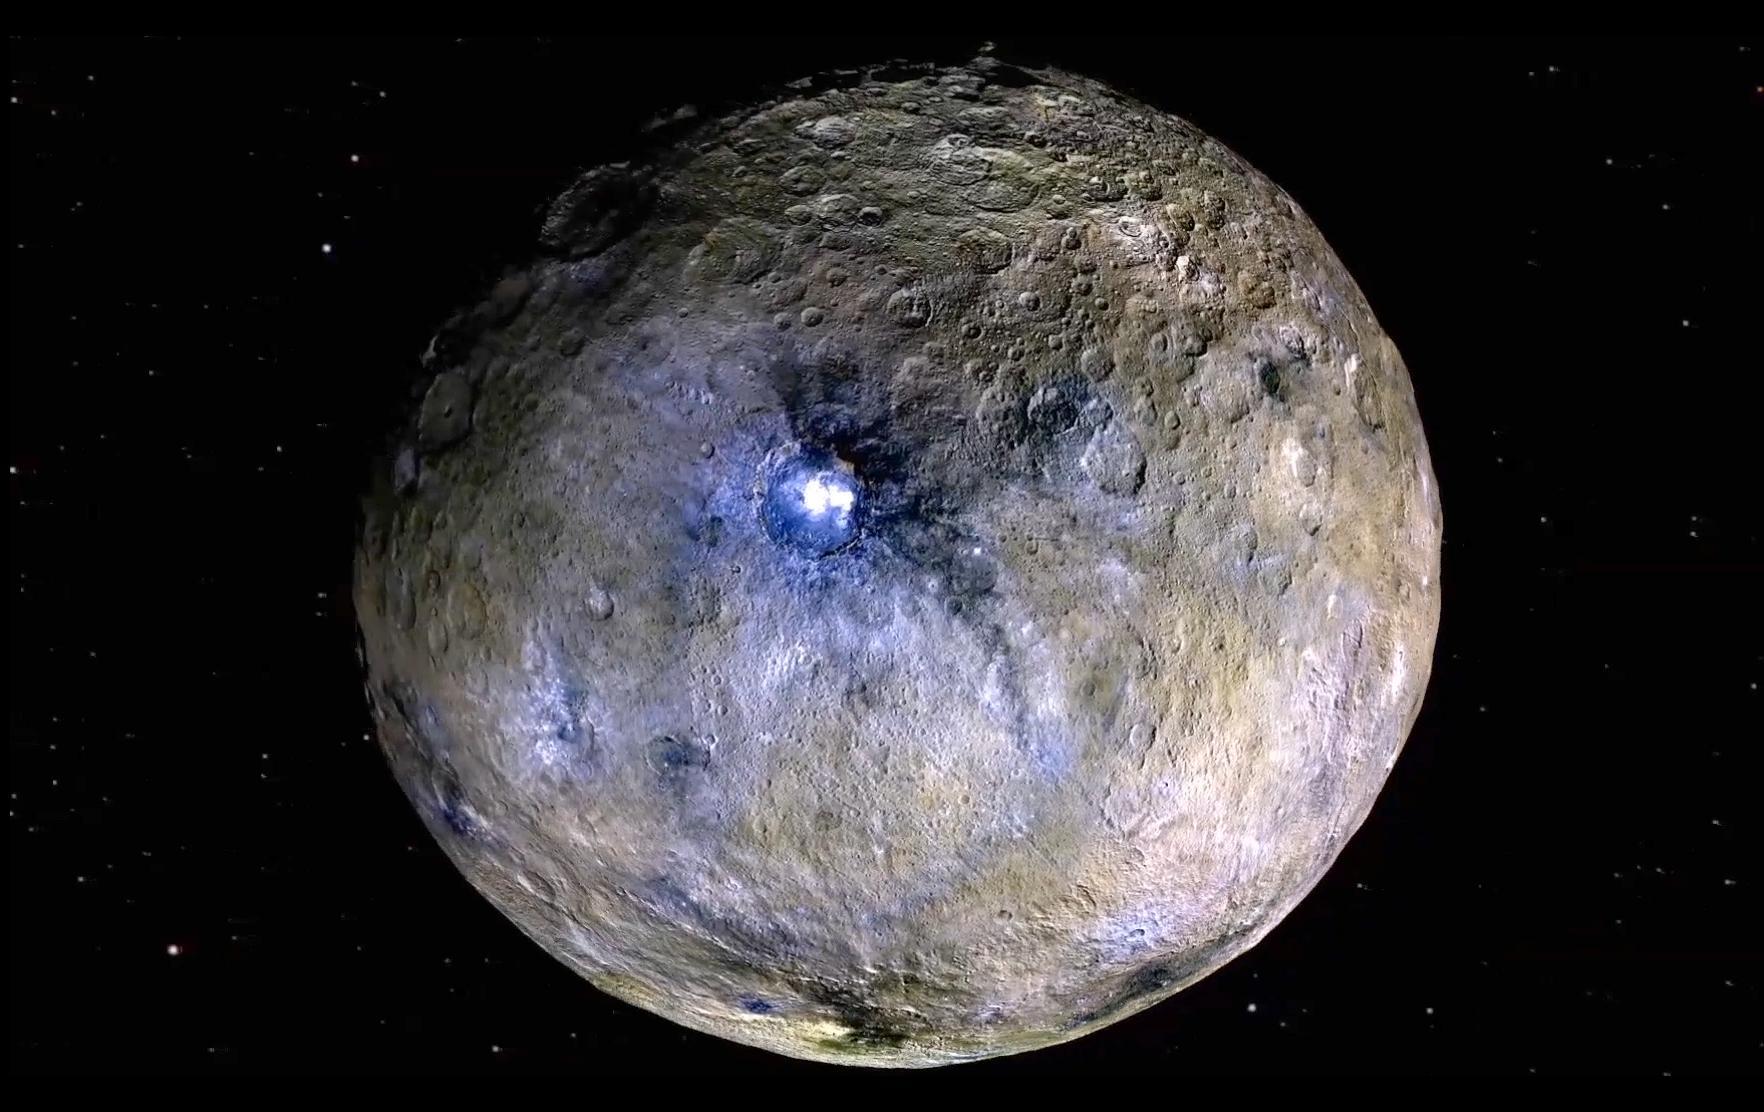 """Nova pesquisa afirma que o planeta anão Ceres é um """"mundo oceânico"""""""